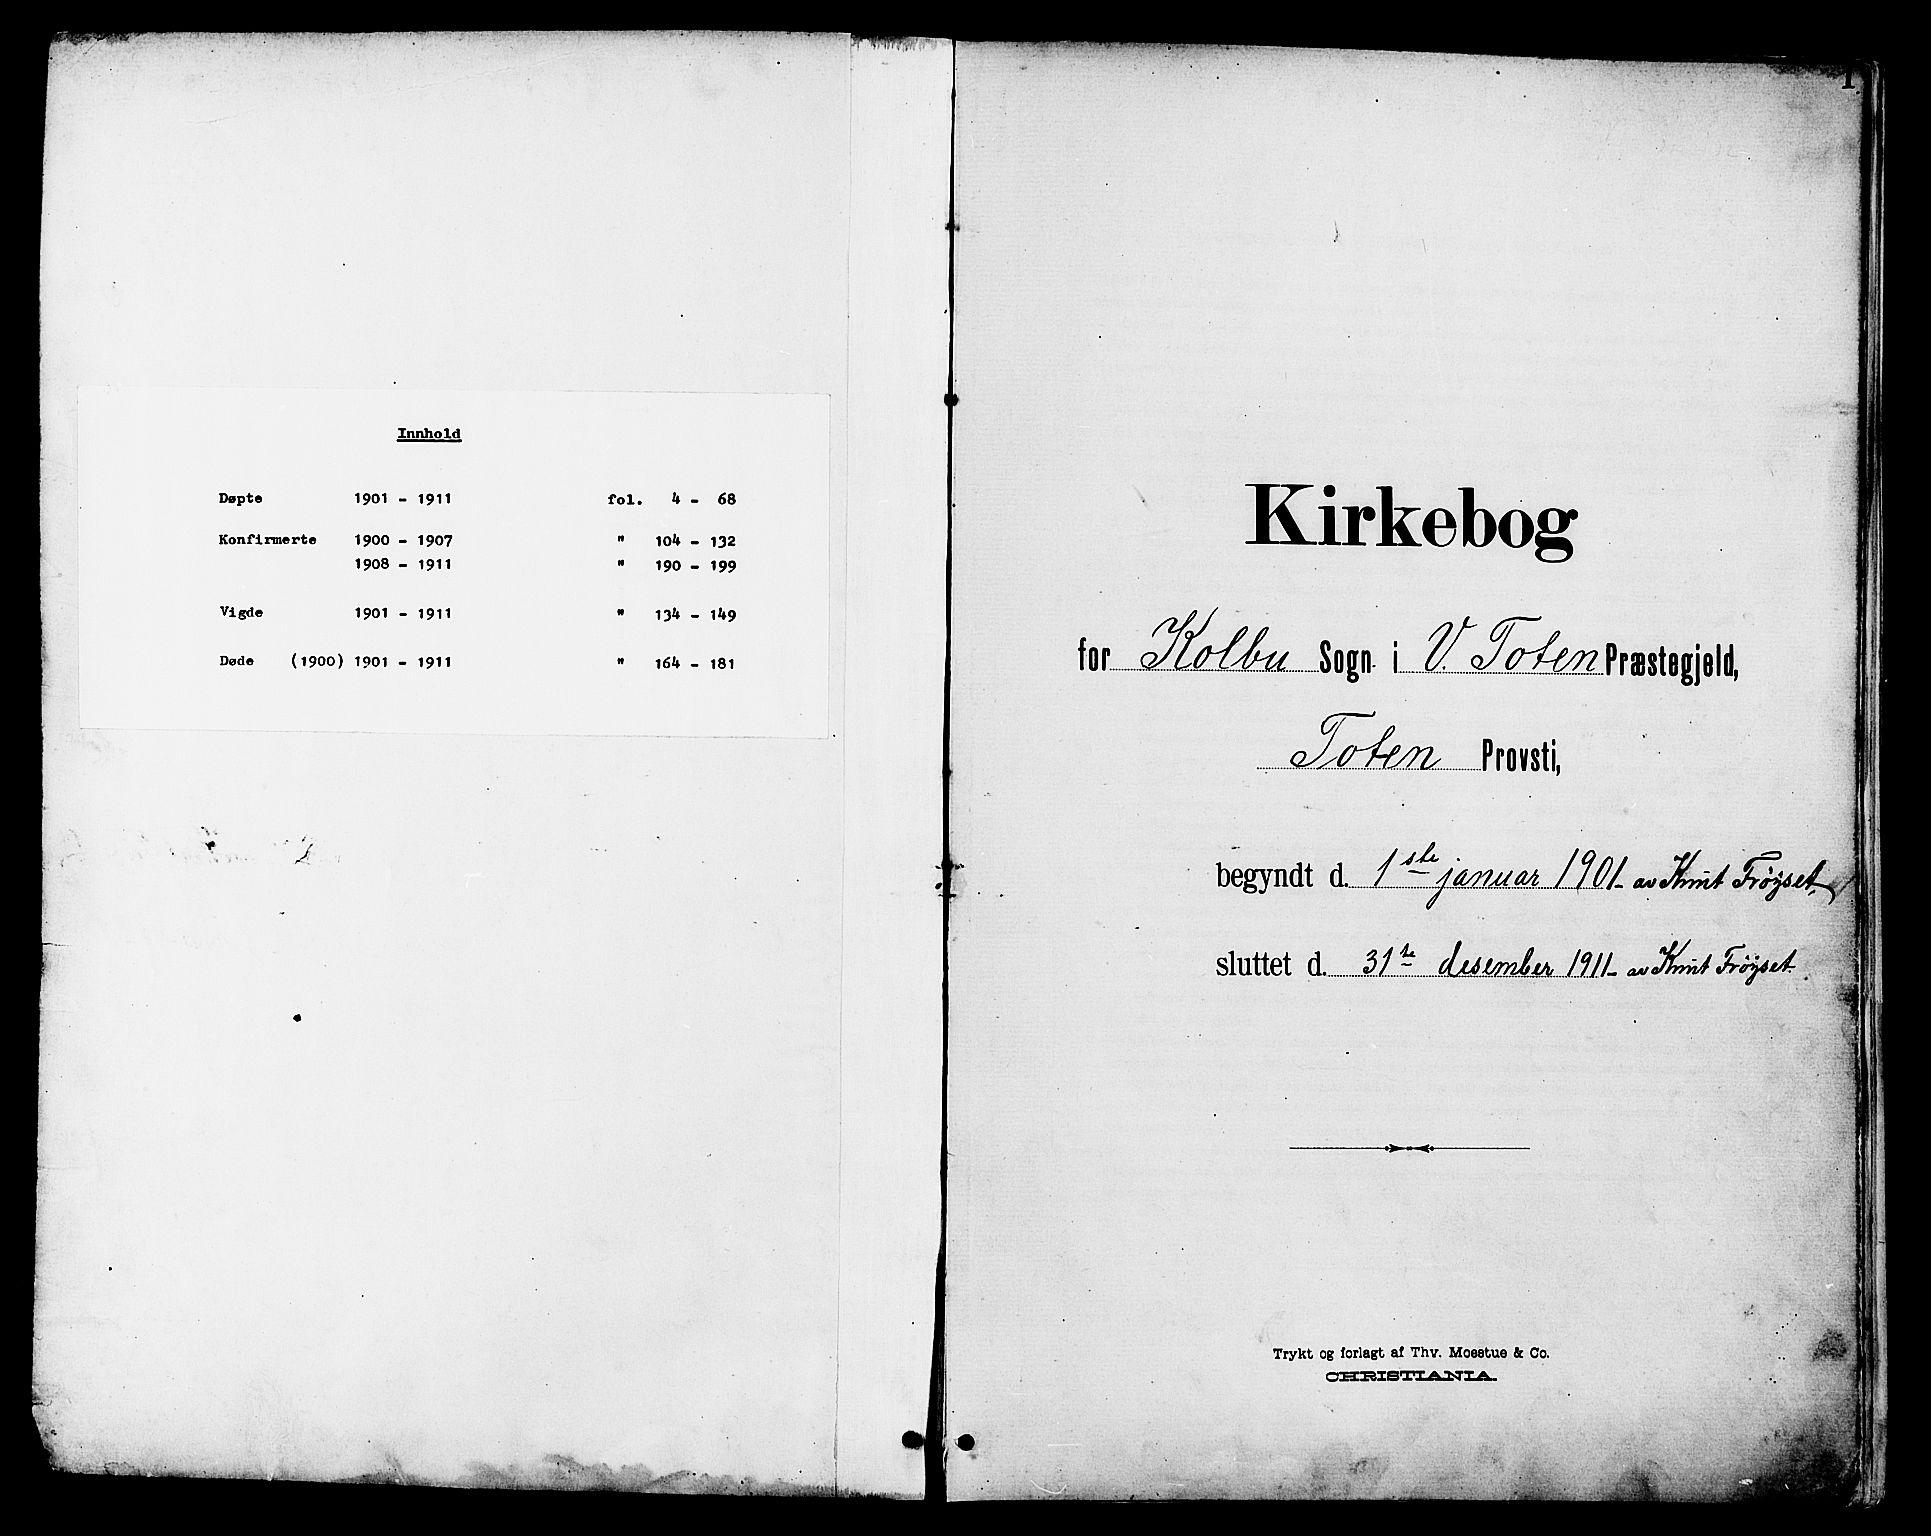 SAH, Vestre Toten prestekontor, Klokkerbok nr. 11, 1901-1911, s. 1